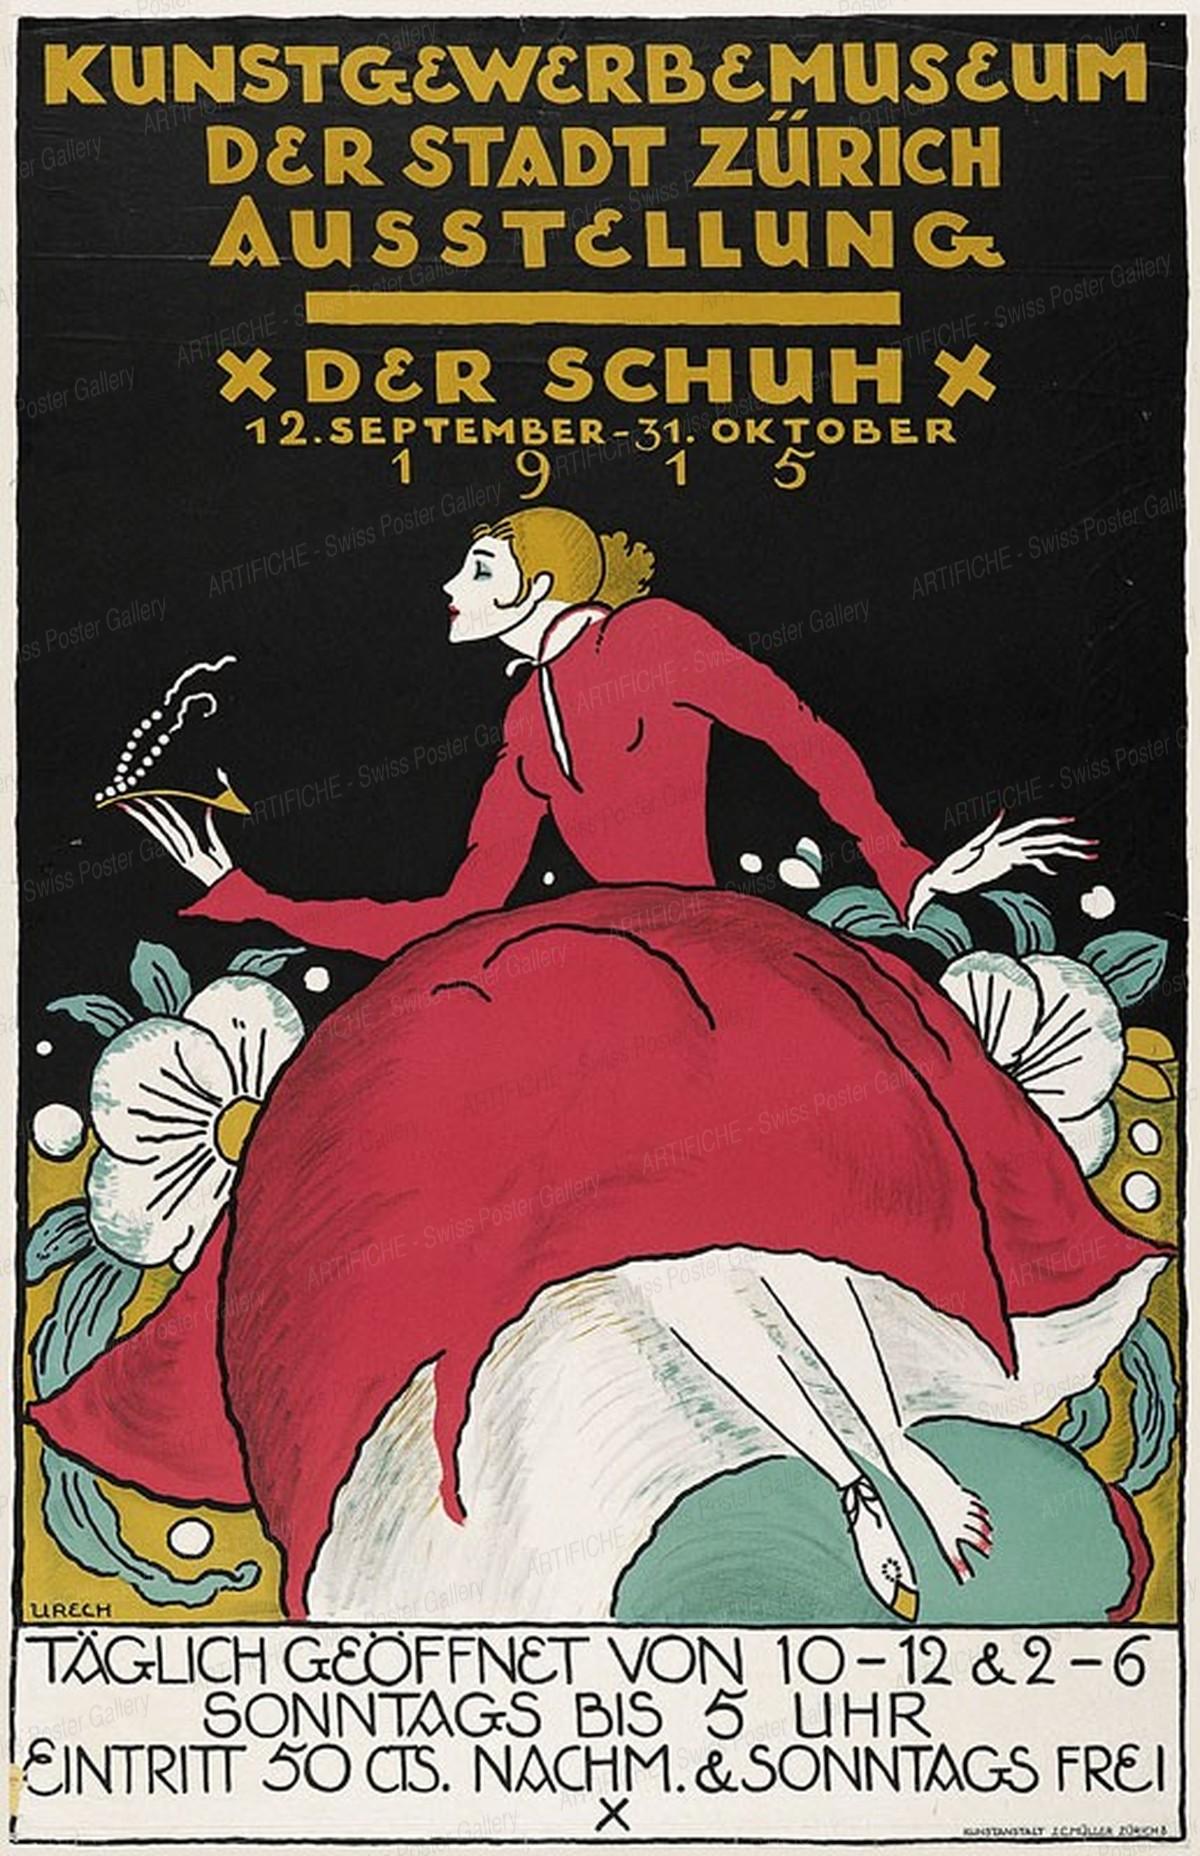 Kunstgewerbemuseum der Stadt Zürich -Ausstellung – Der Schuh 1915, Rudolf Urech